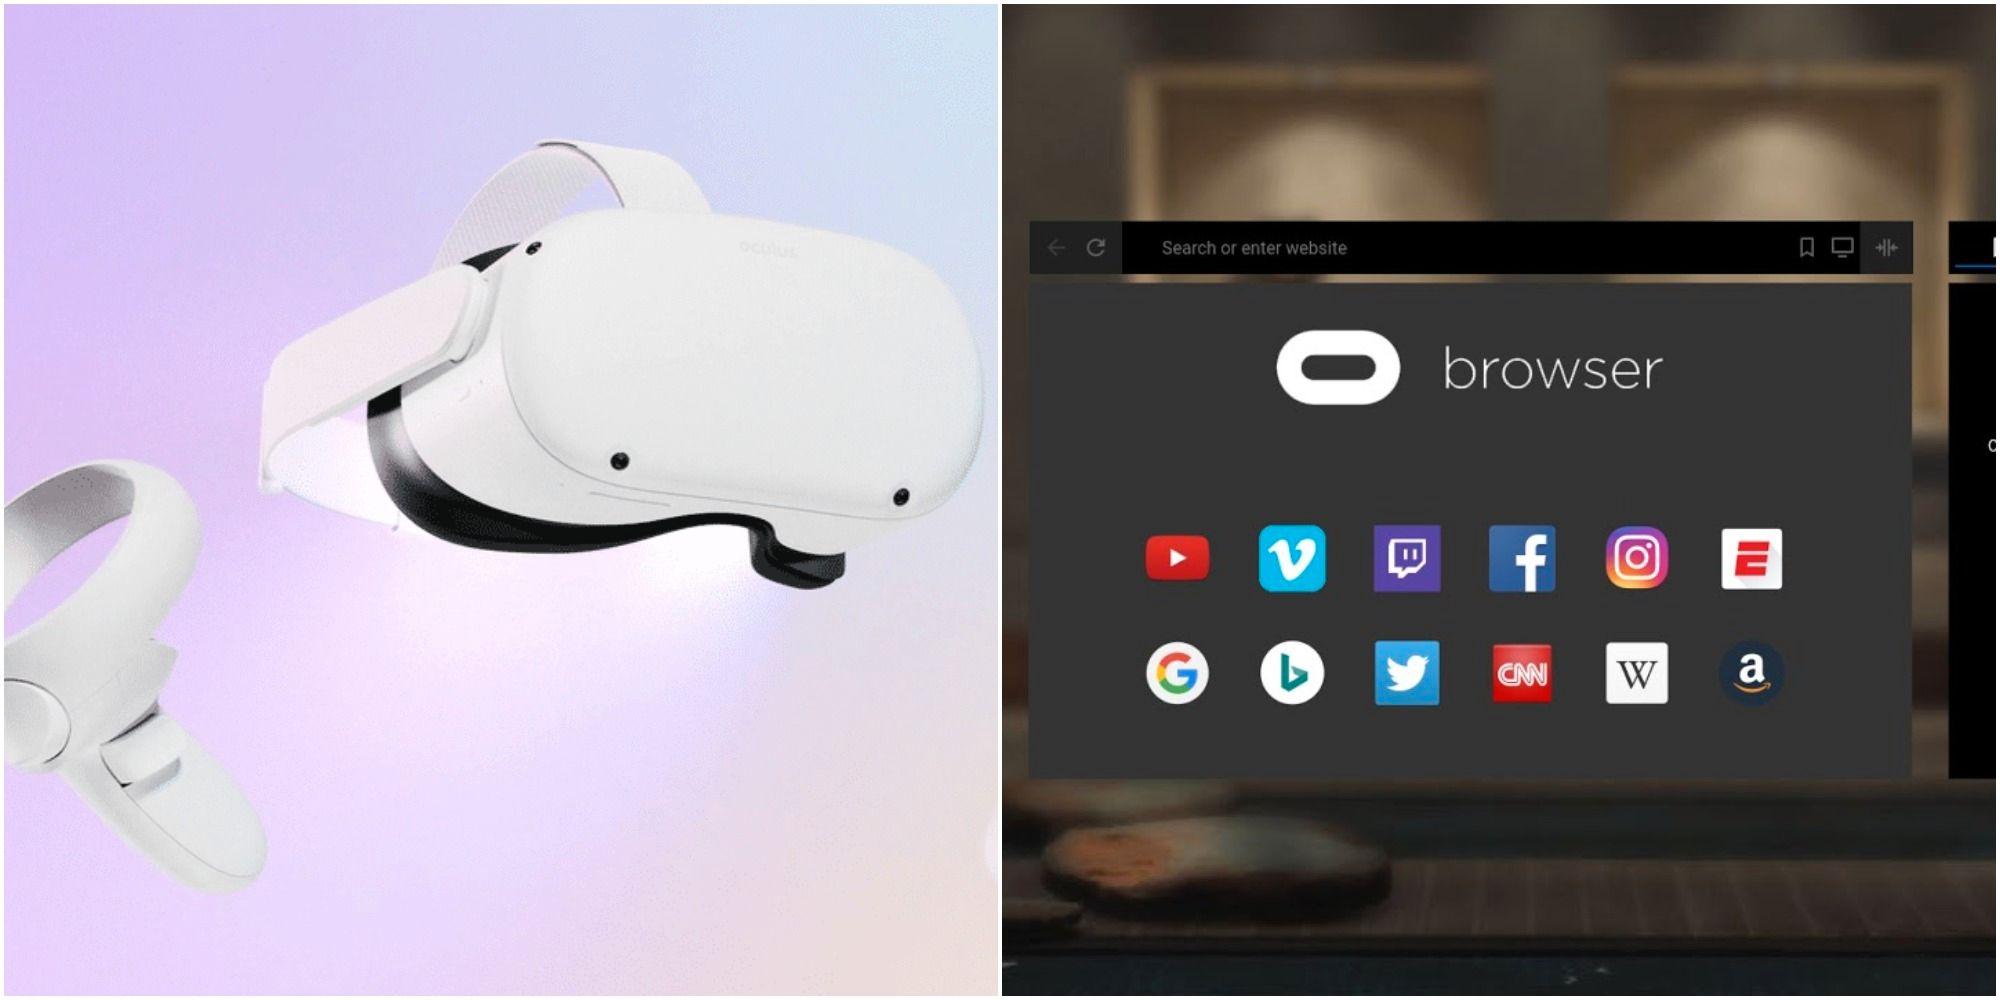 Oculus Quest 2: Cómo navegar por la Web